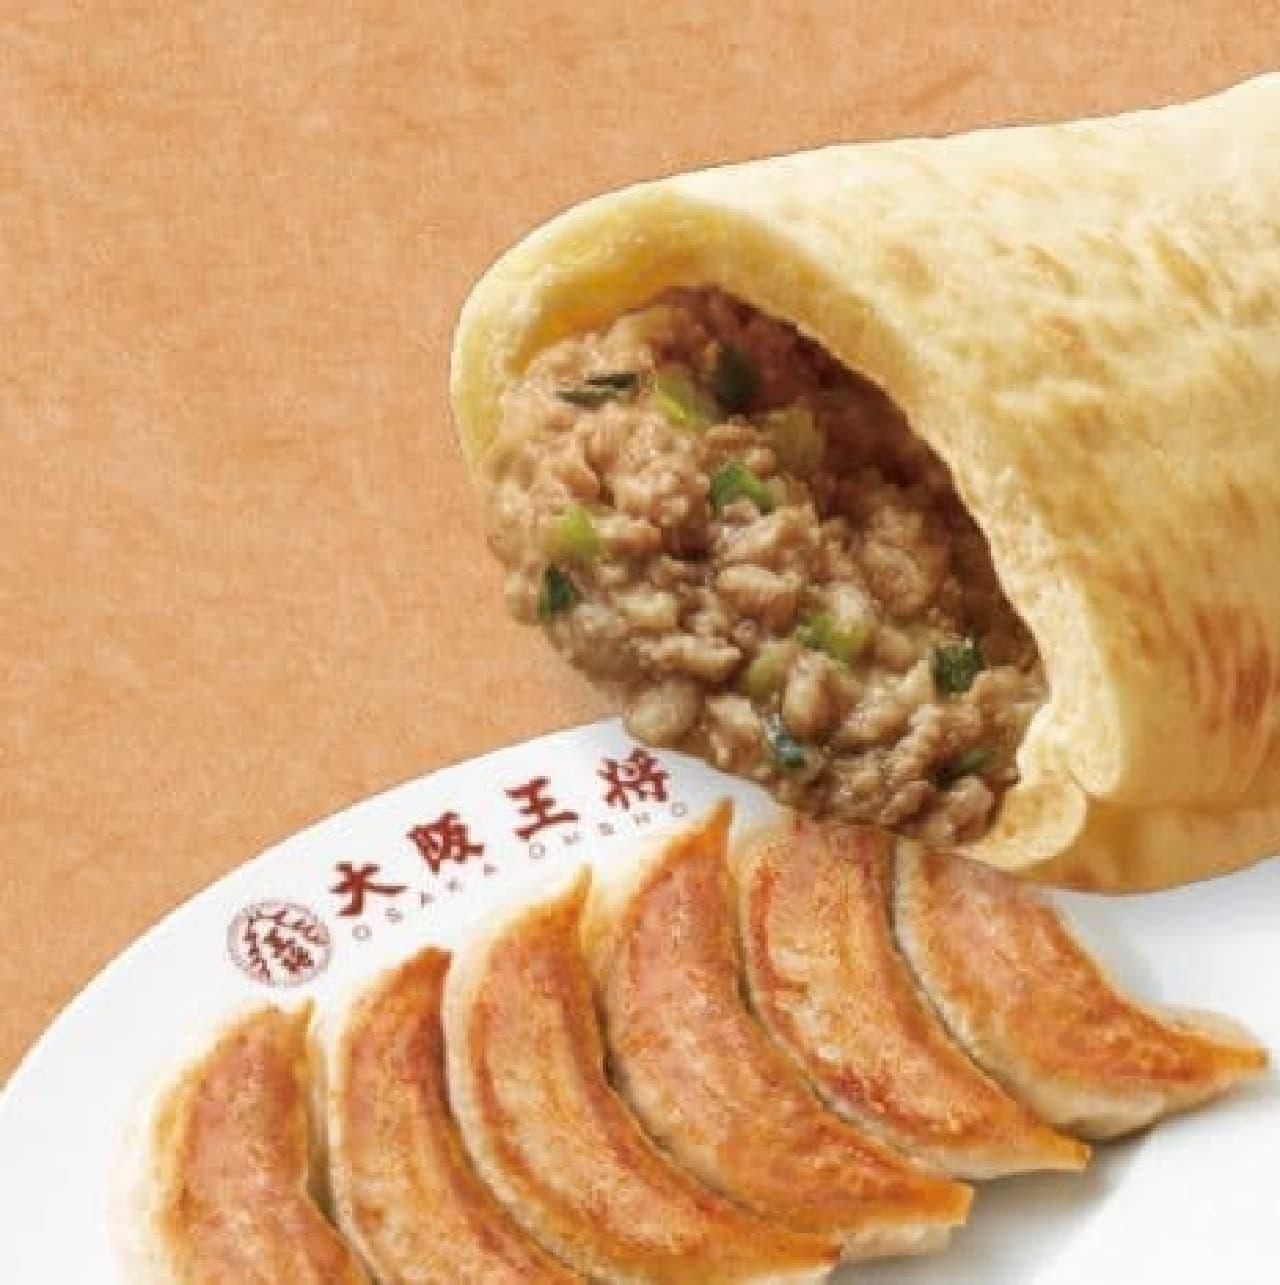 ファミリーマート「ピザサンド 大阪王将監修餃子味」